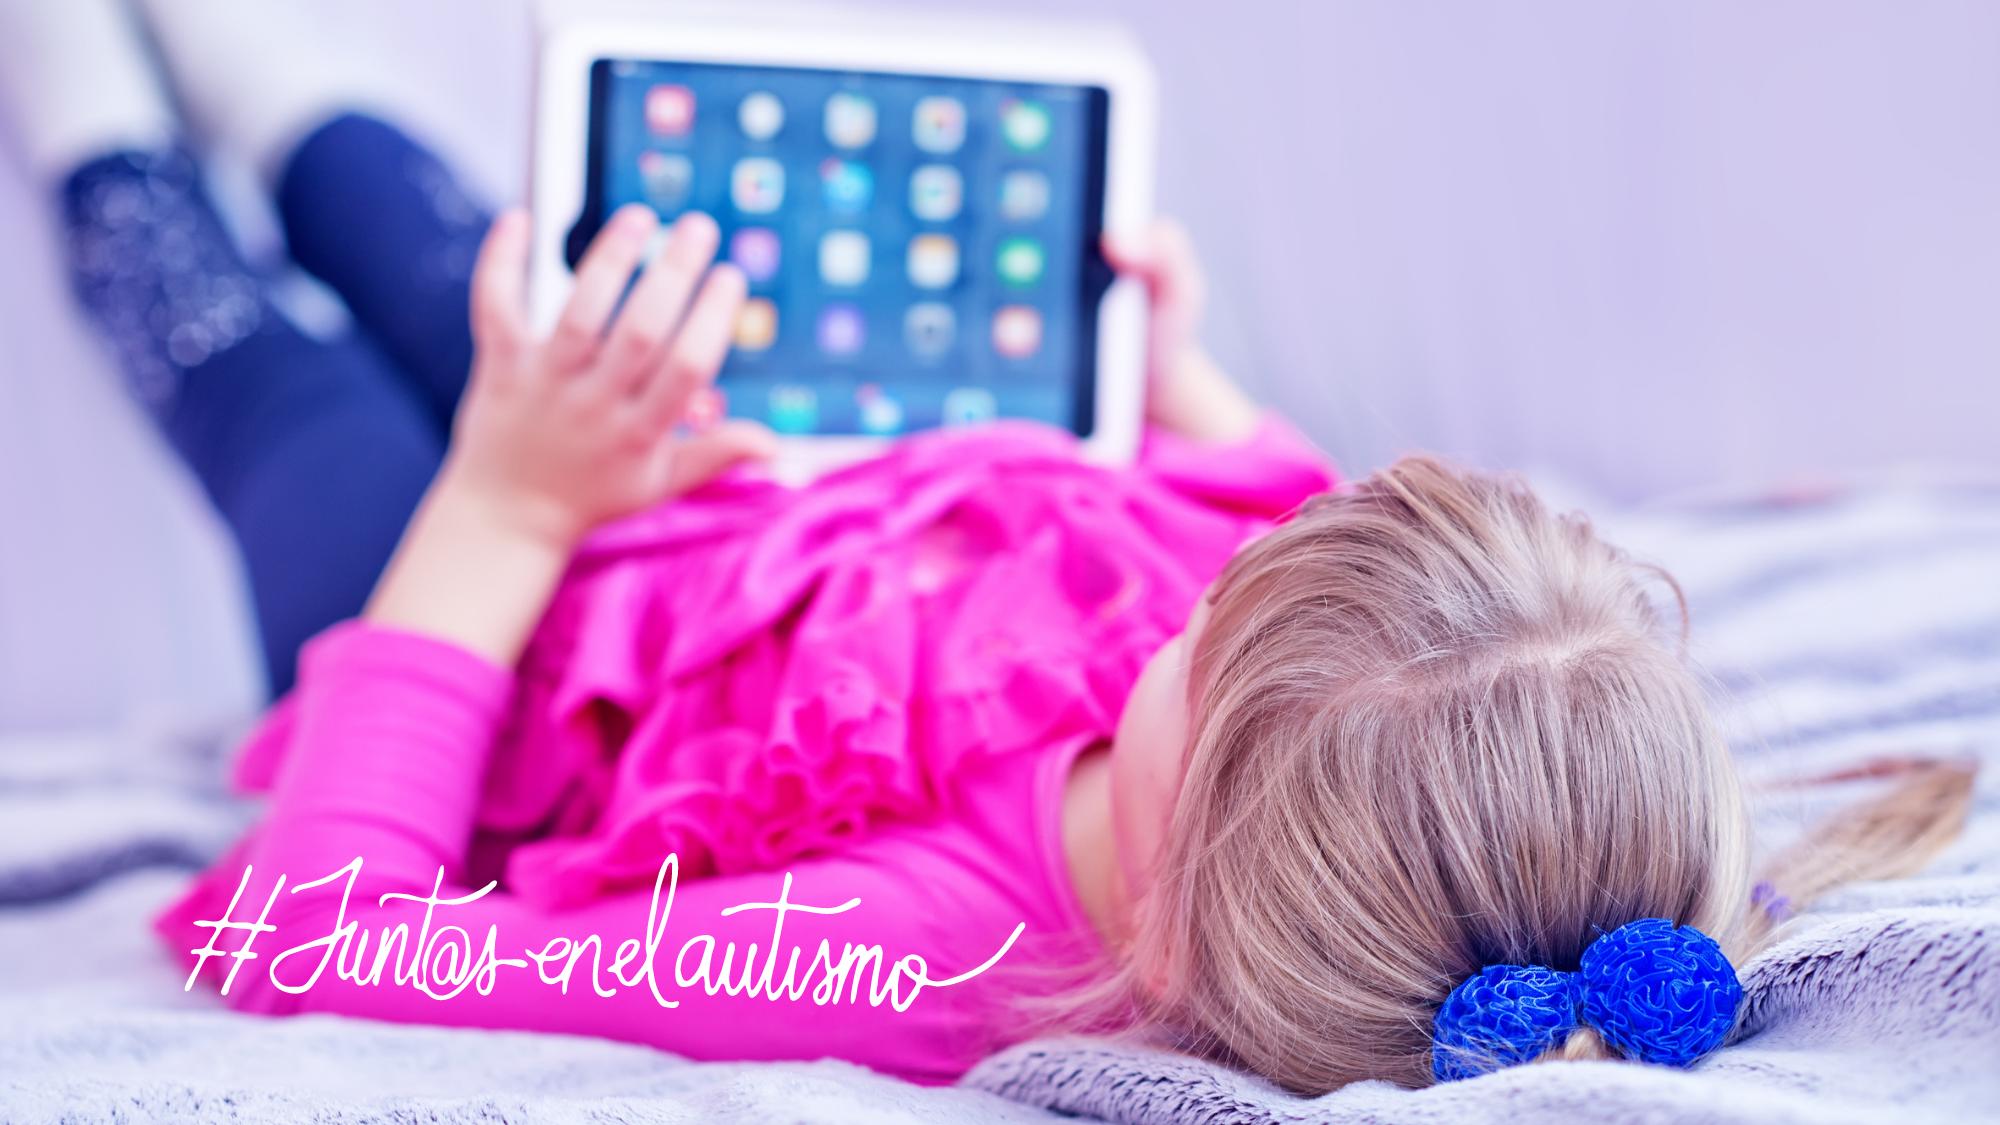 Uso de la tecnología en autismo